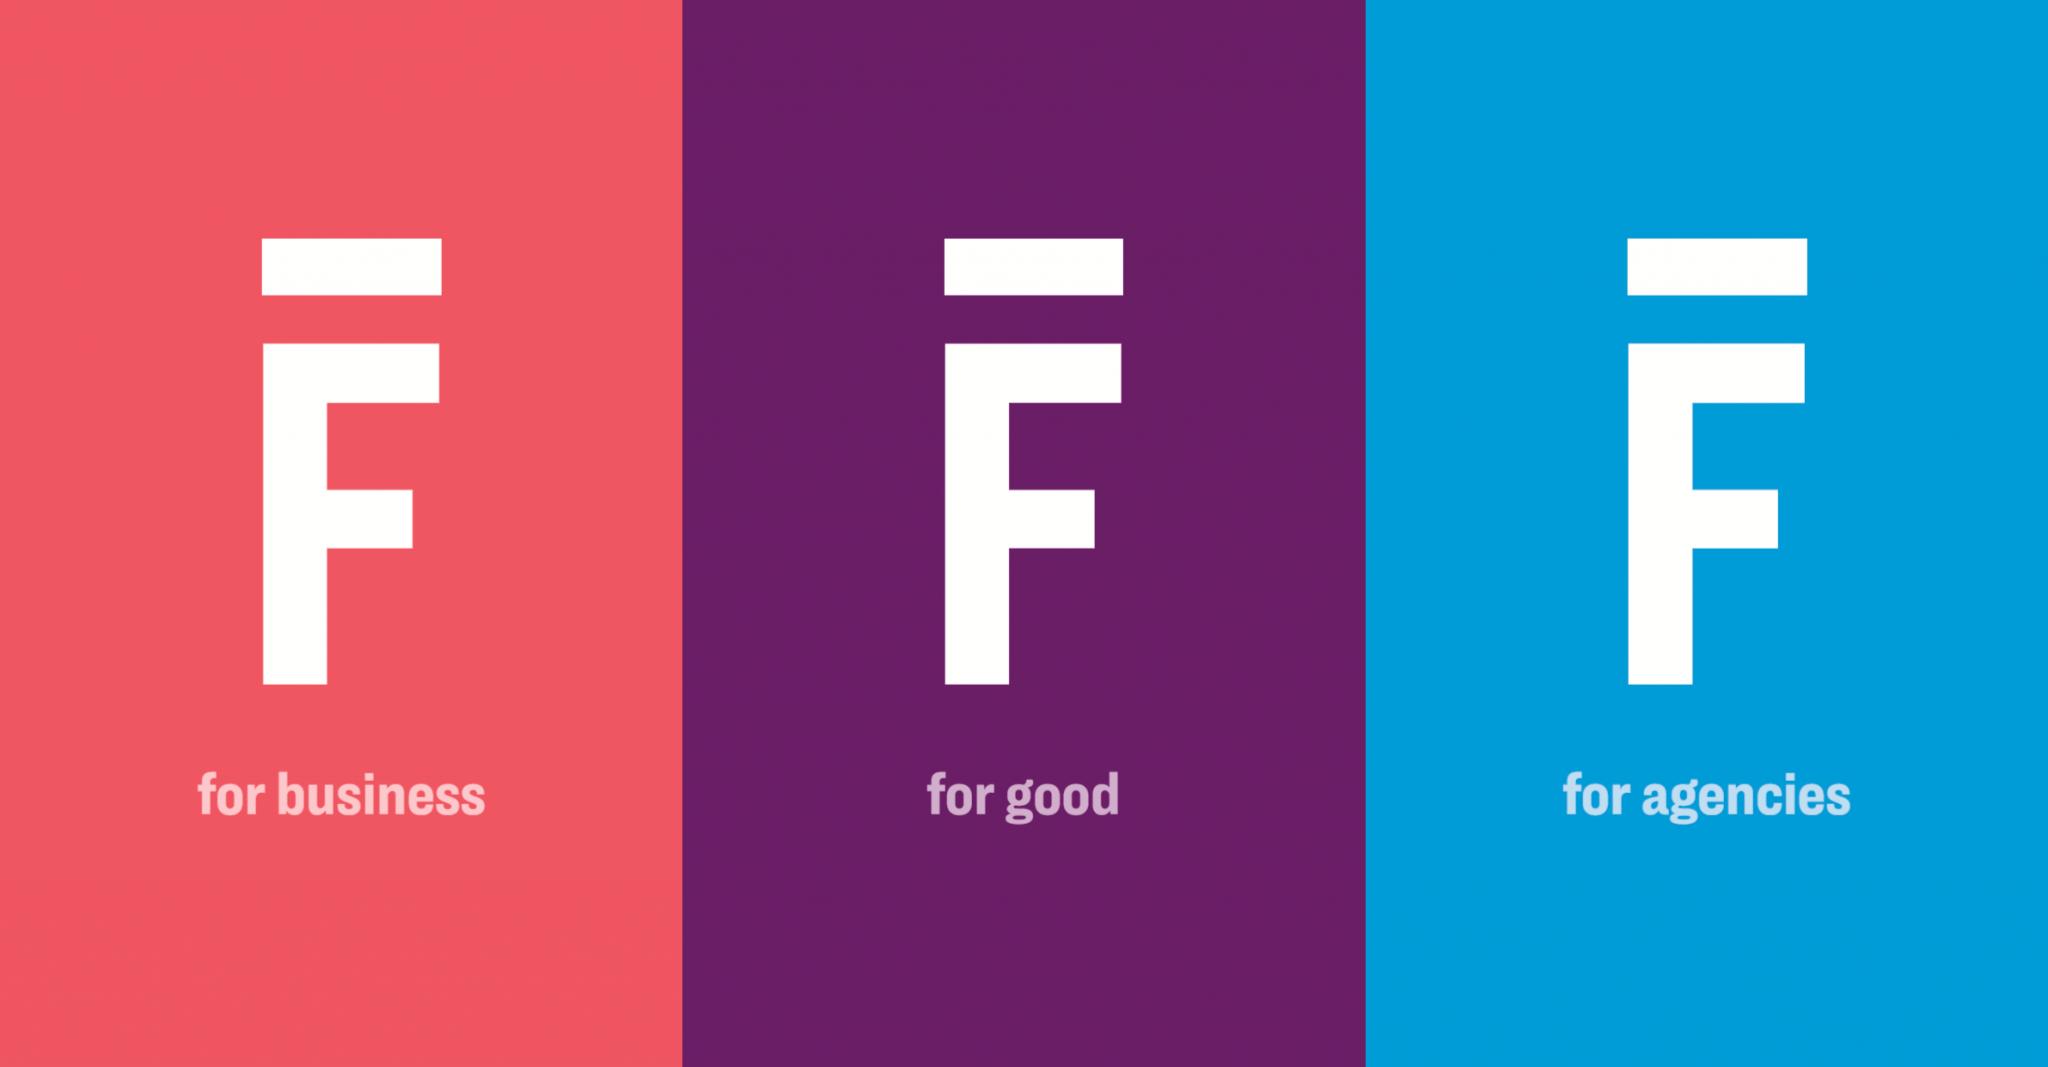 fathomstudio.com